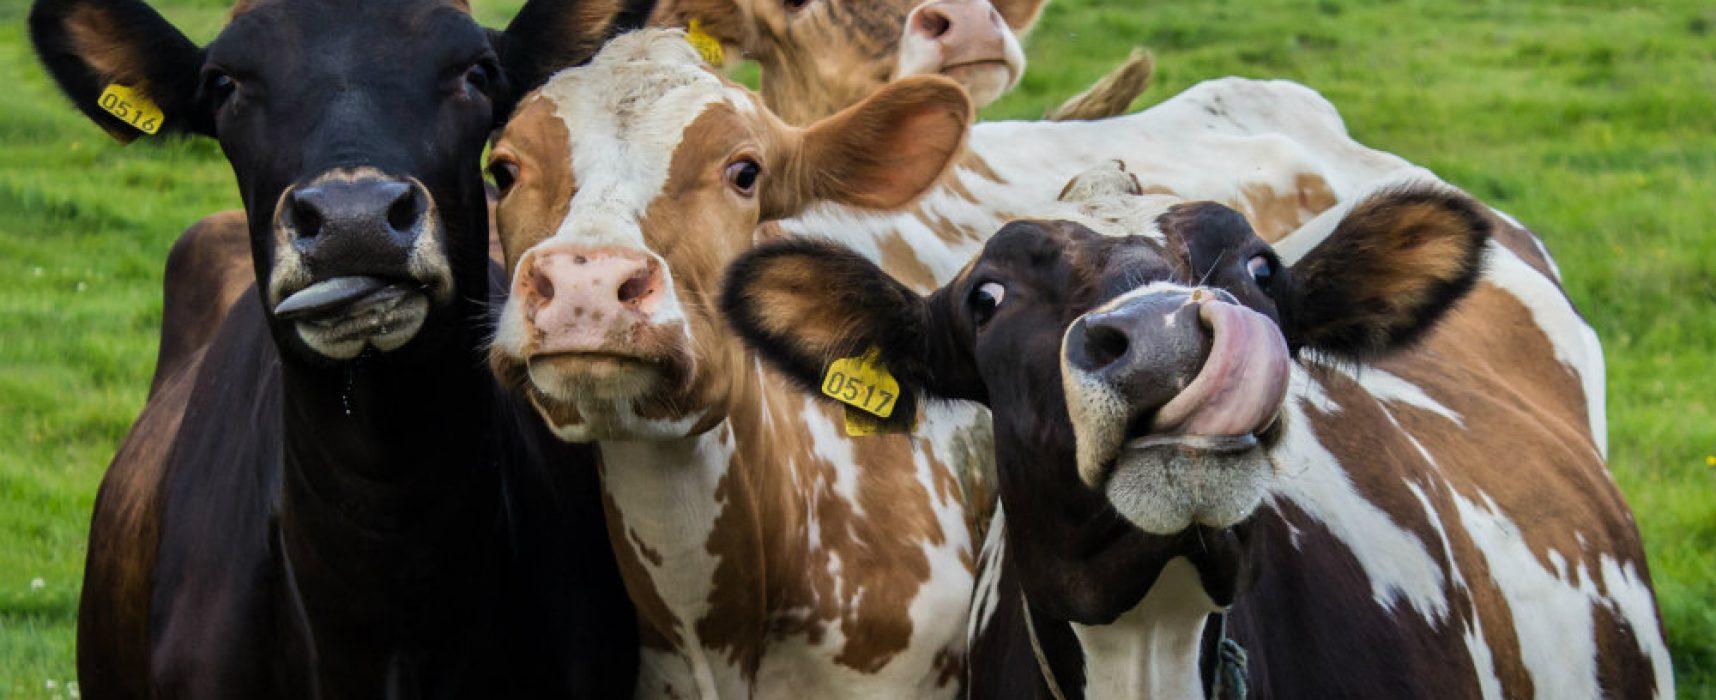 Фейк РИА «Новости»: Грета Тунберг оголошує війну білим чоловікам, а американські демократи збираються винищити всіх корів